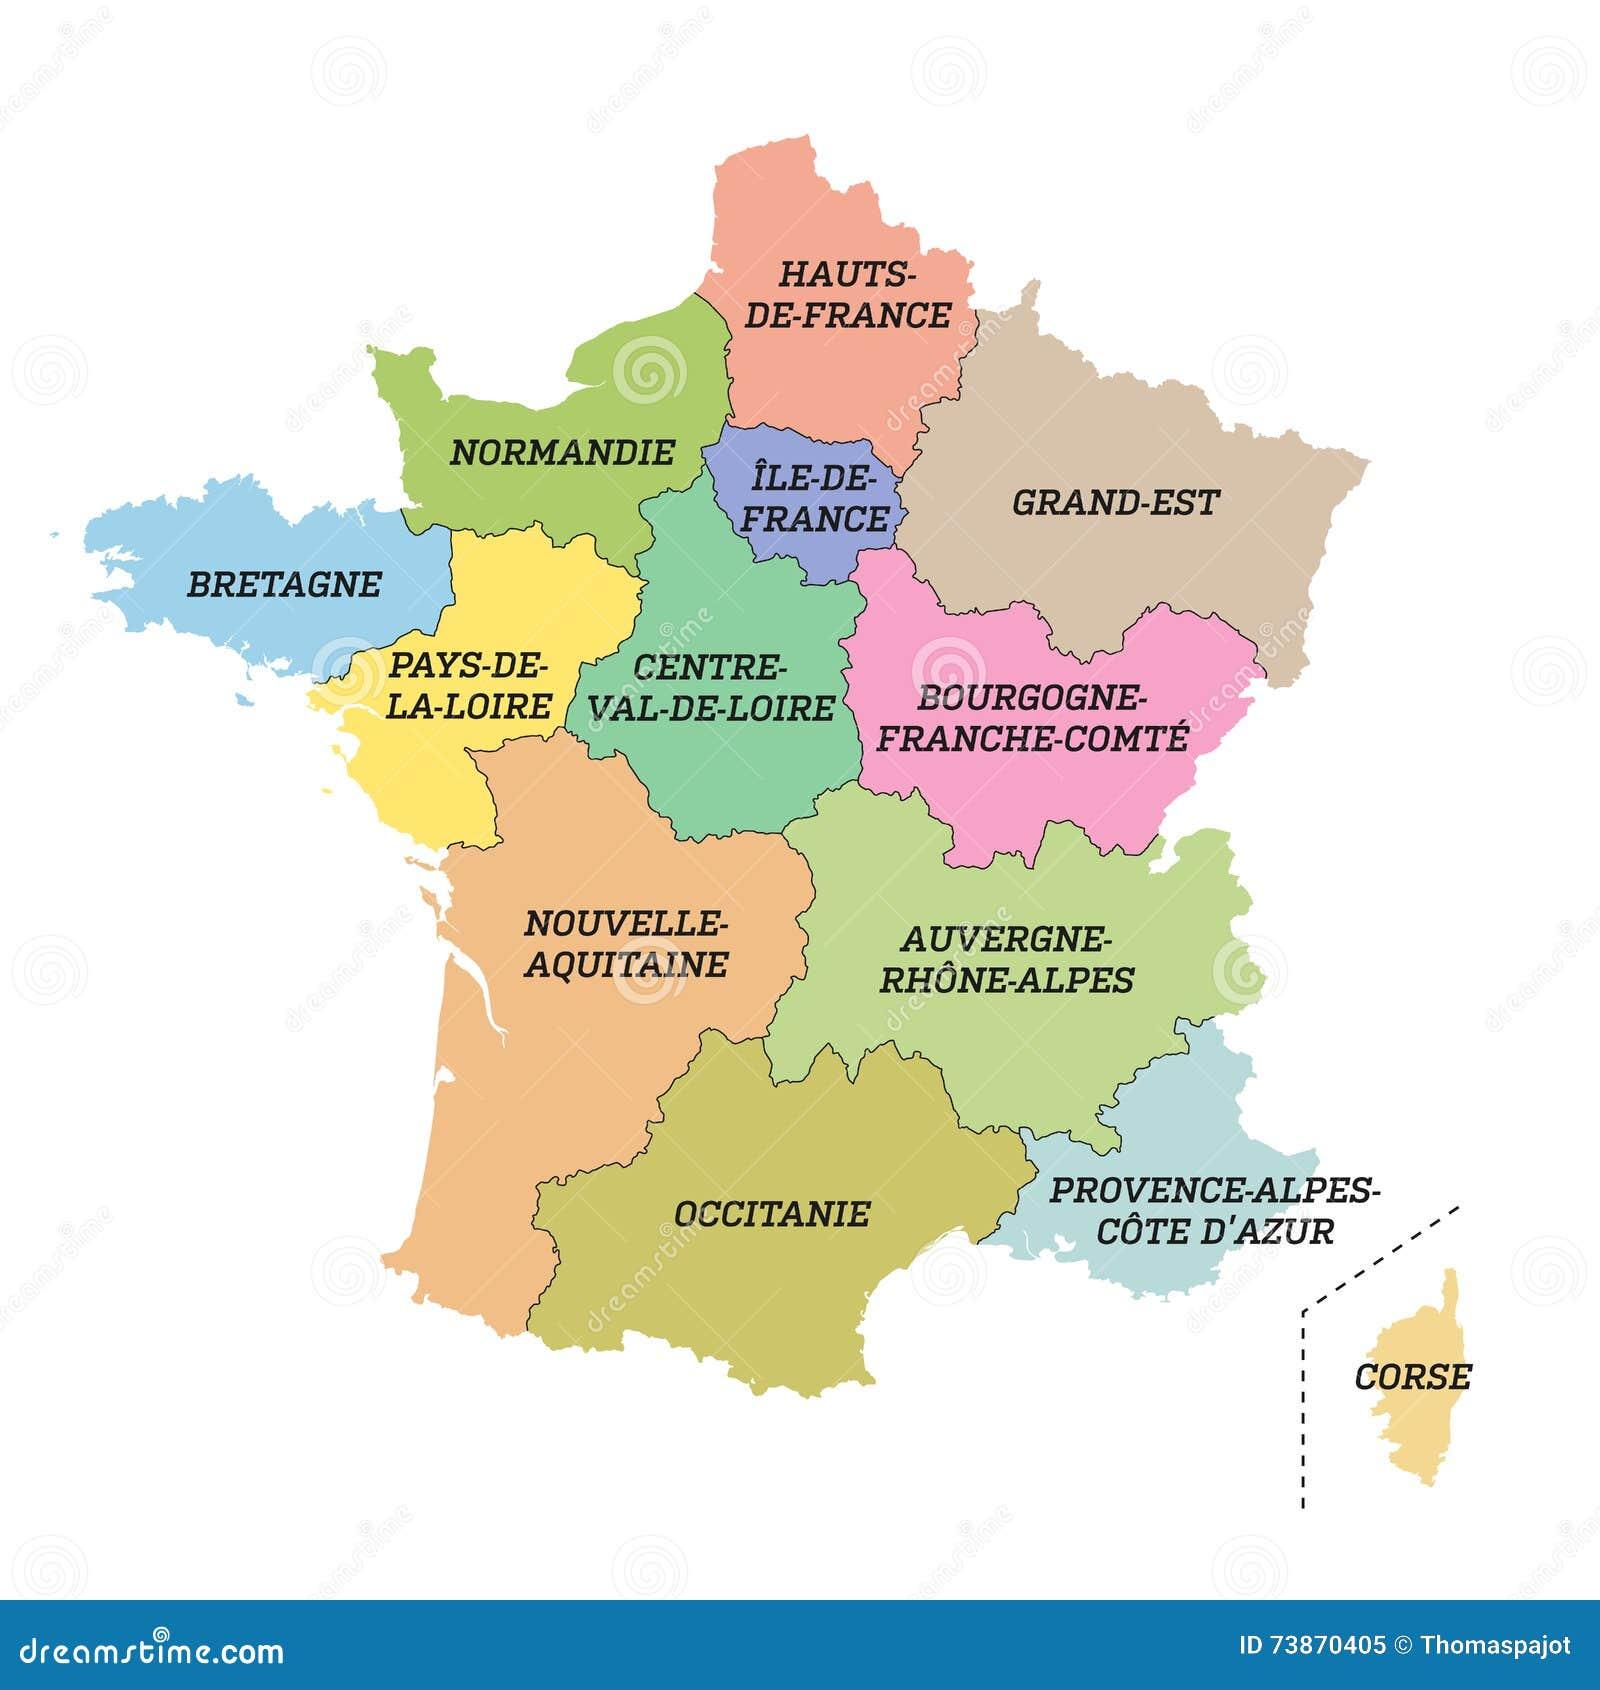 Regioni Della Francia Cartina.Parigi E La Capitale Della Francia La Citta Piu Popolata